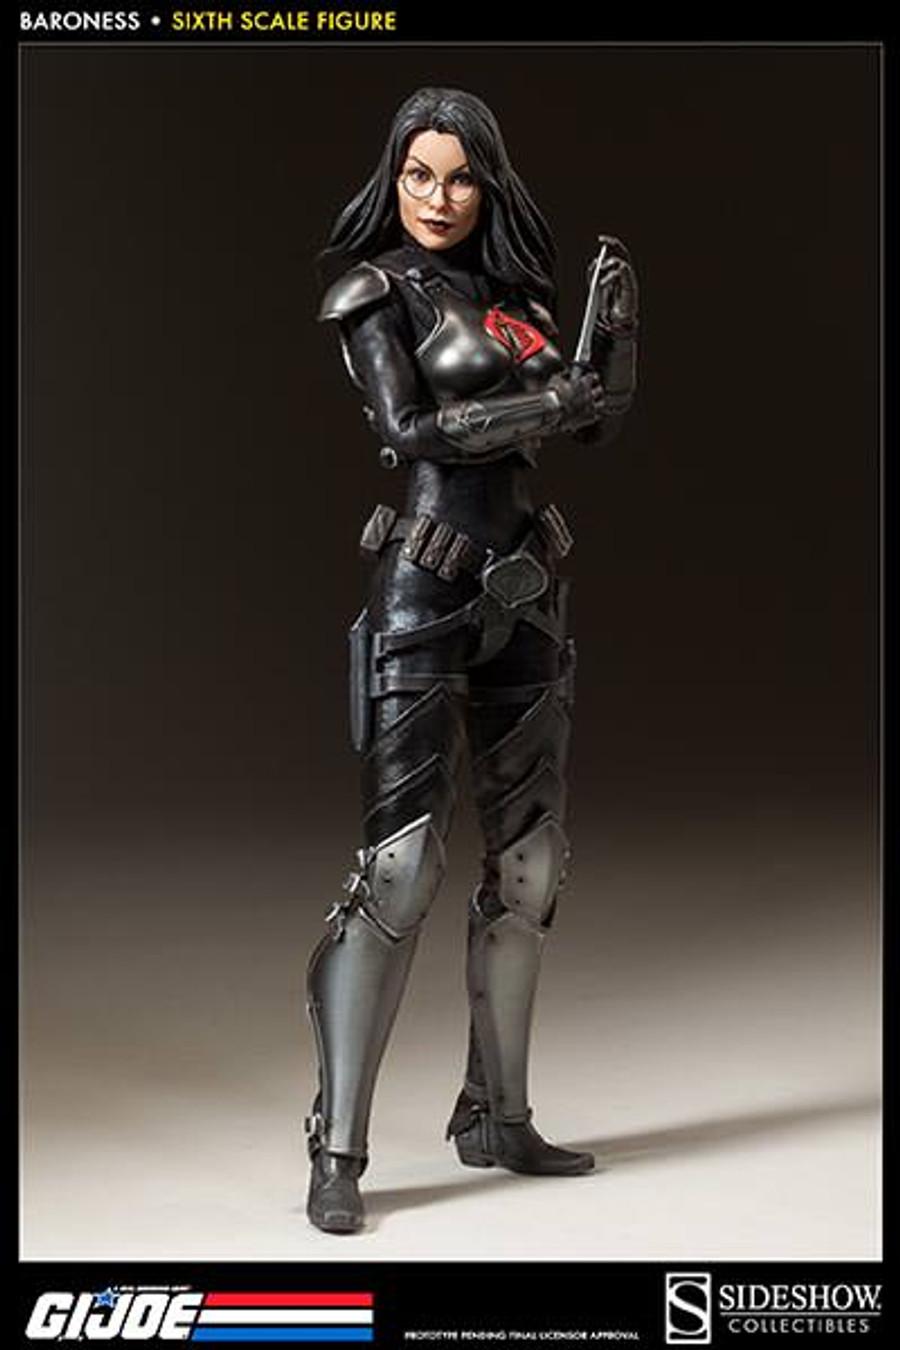 Sideshow - GI Joe - Baroness